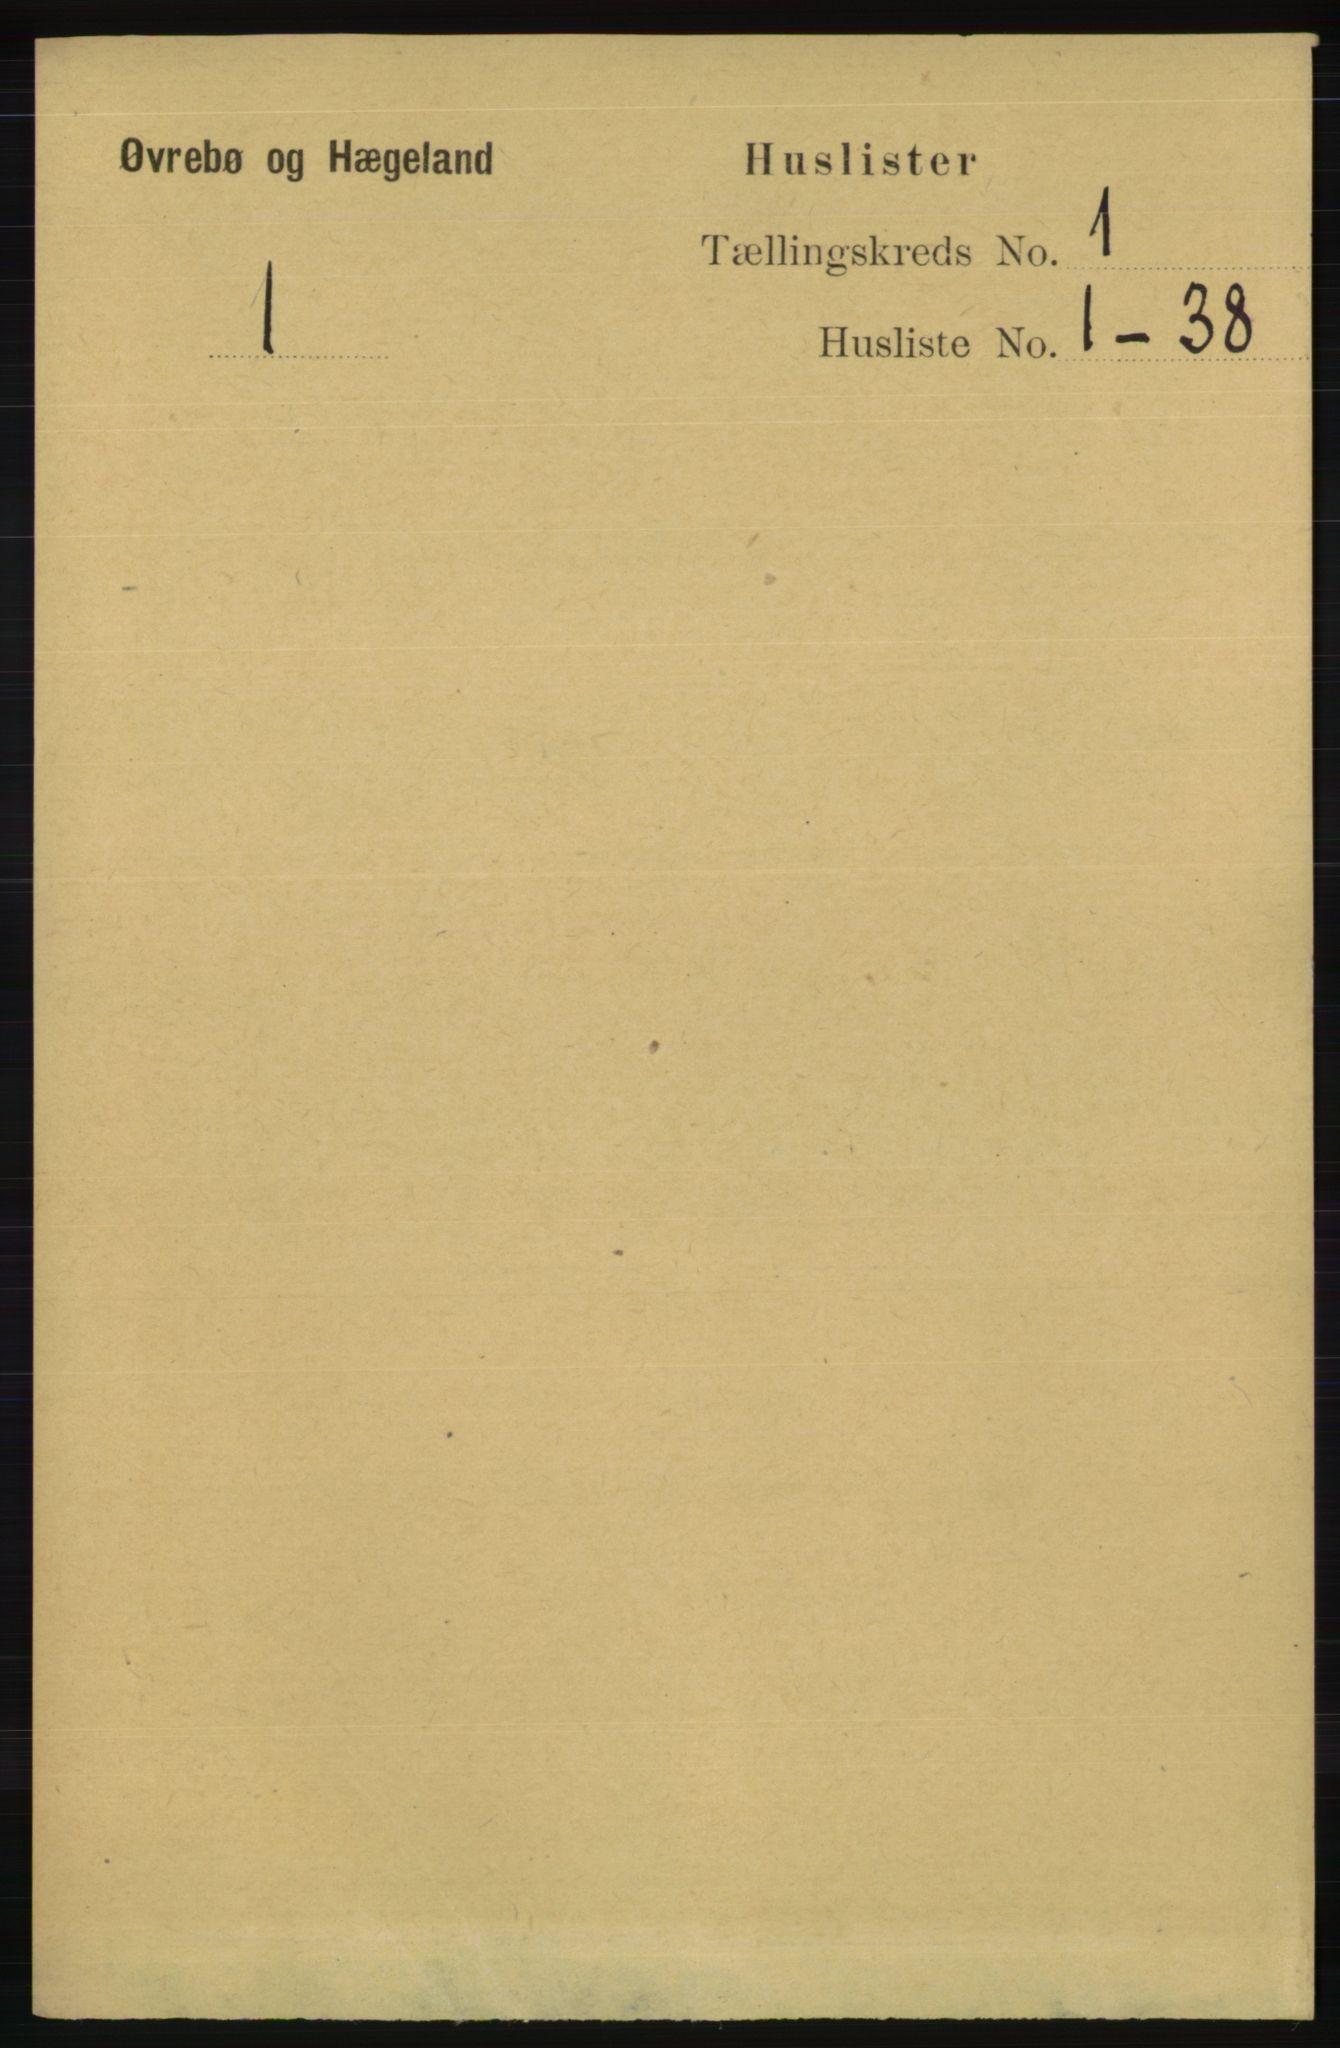 RA, Folketelling 1891 for 1016 Øvrebø og Hægeland herred, 1891, s. 27